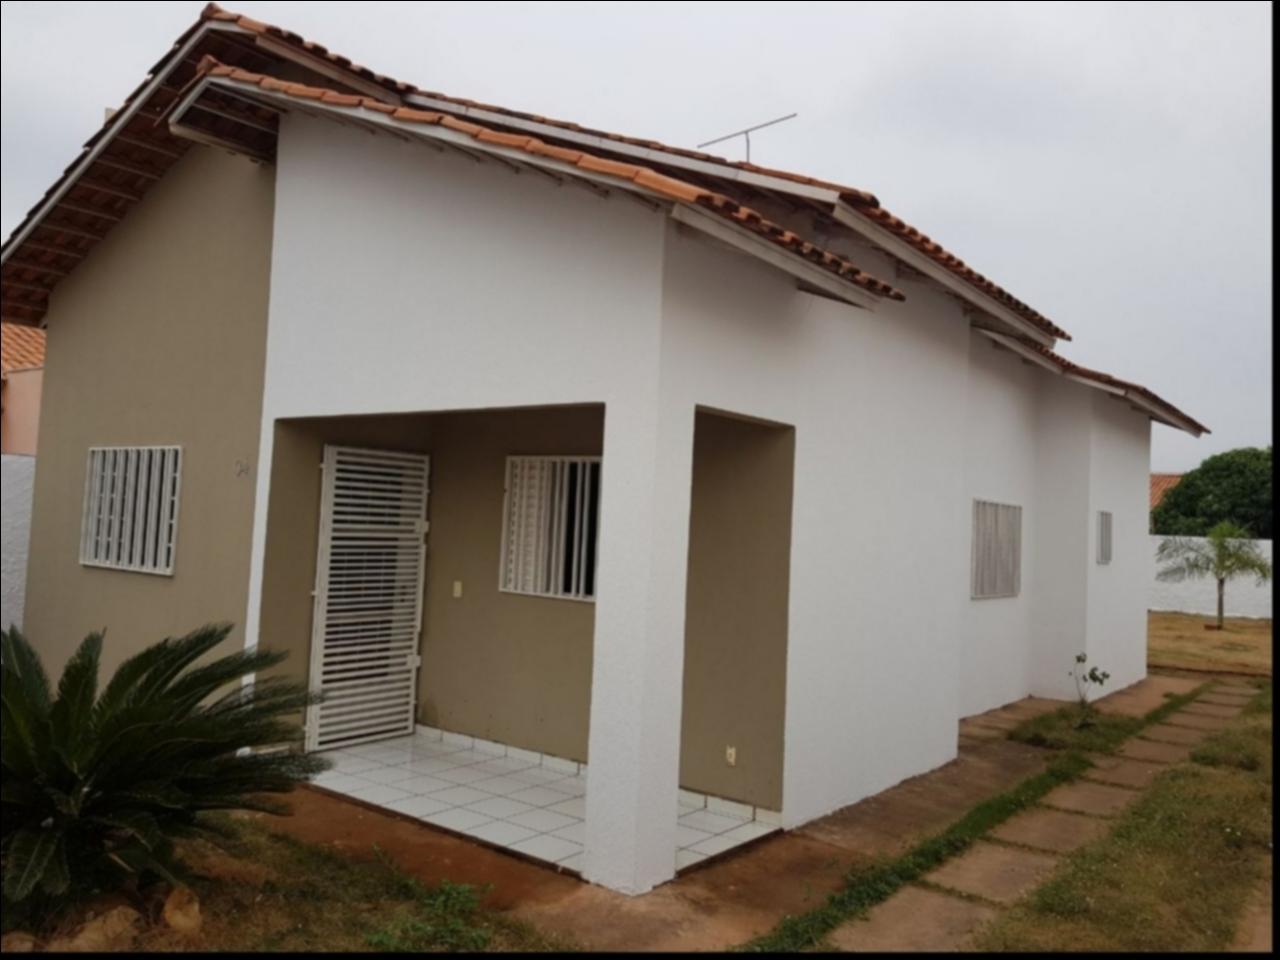 Casa à venda,  com 3 quartos sendo 1 suite no chapeu do sol em Várzea Grande MT 101 11113